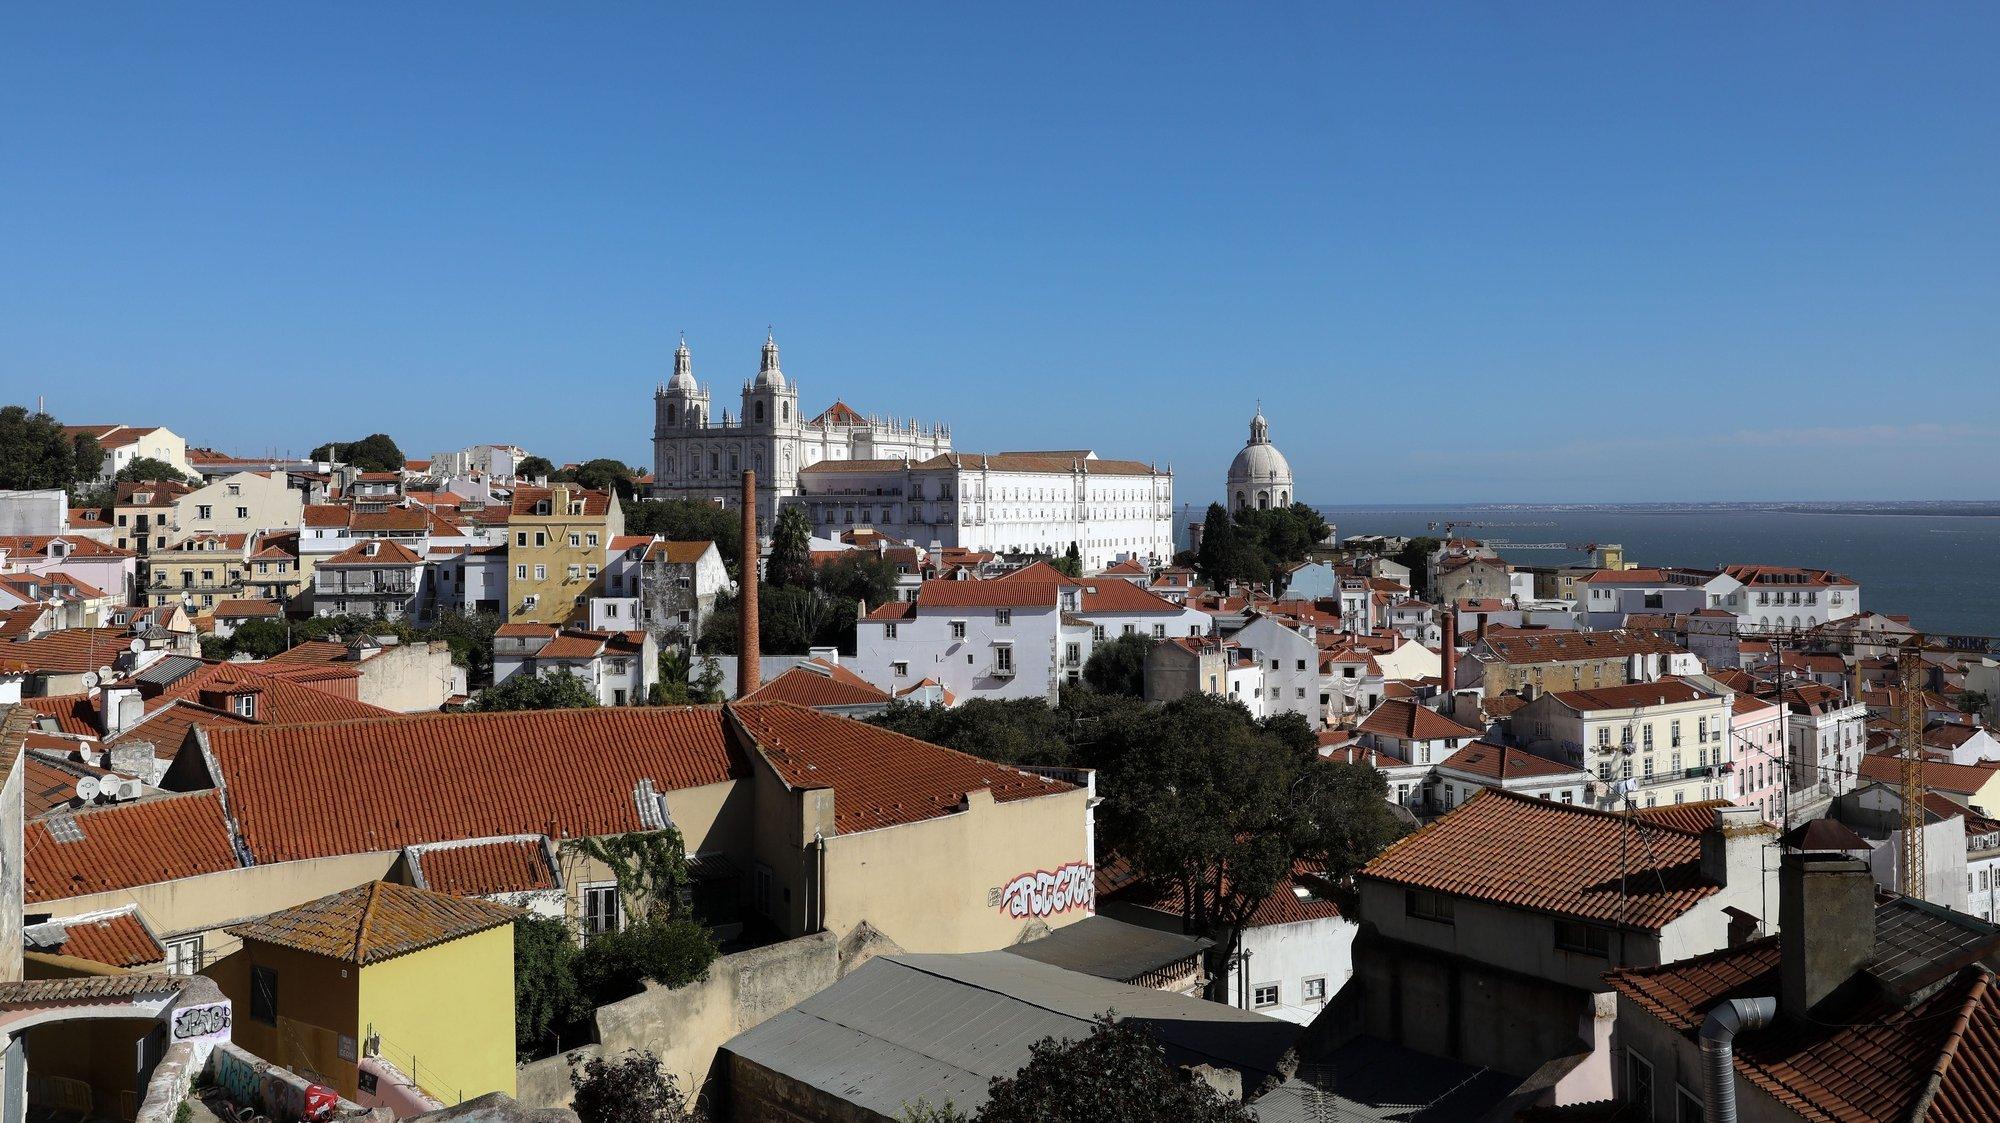 Vista da Igreja de São Vicente de Fora,  Lisboa, 03 de novembro de 2020. ANTÓNIO COTRIM/LUSA